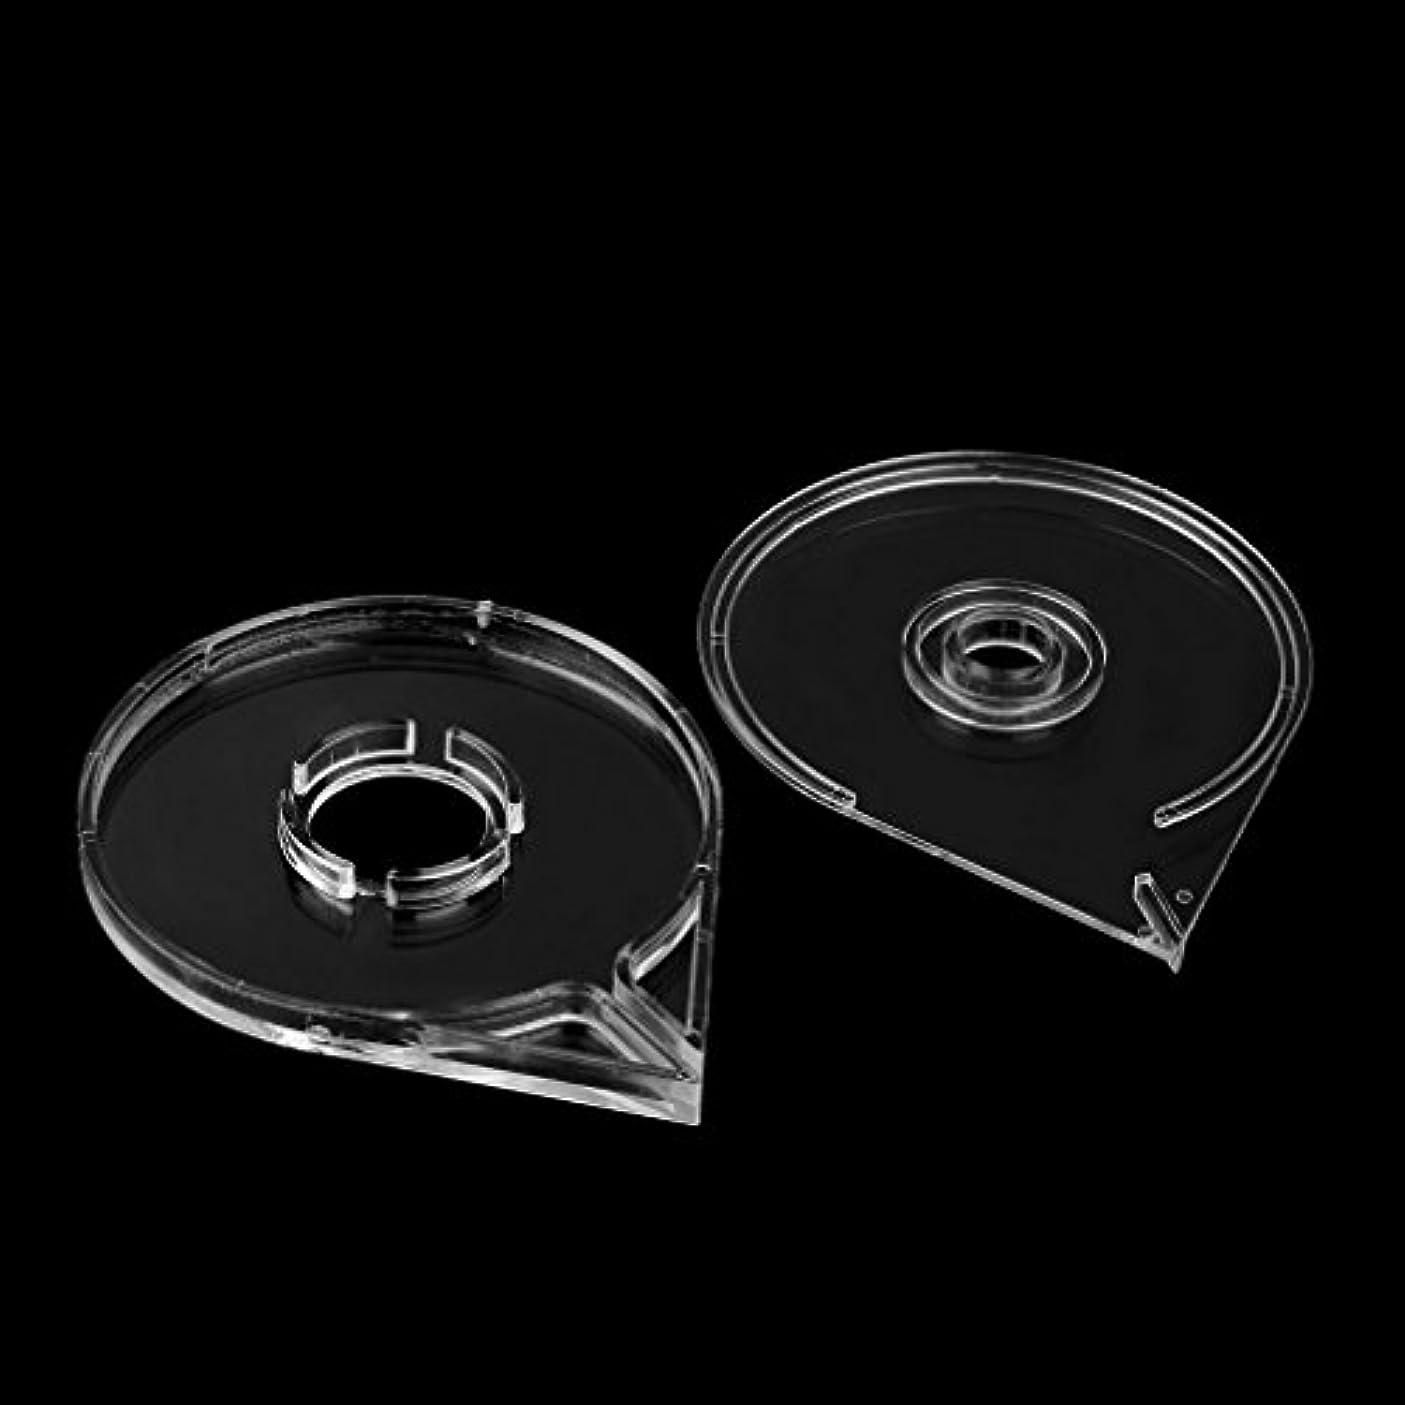 シール提供するベテラン新しいシンプル便利なネイルアートストライピングテープラインケースボックスホルダーツールプラスチック